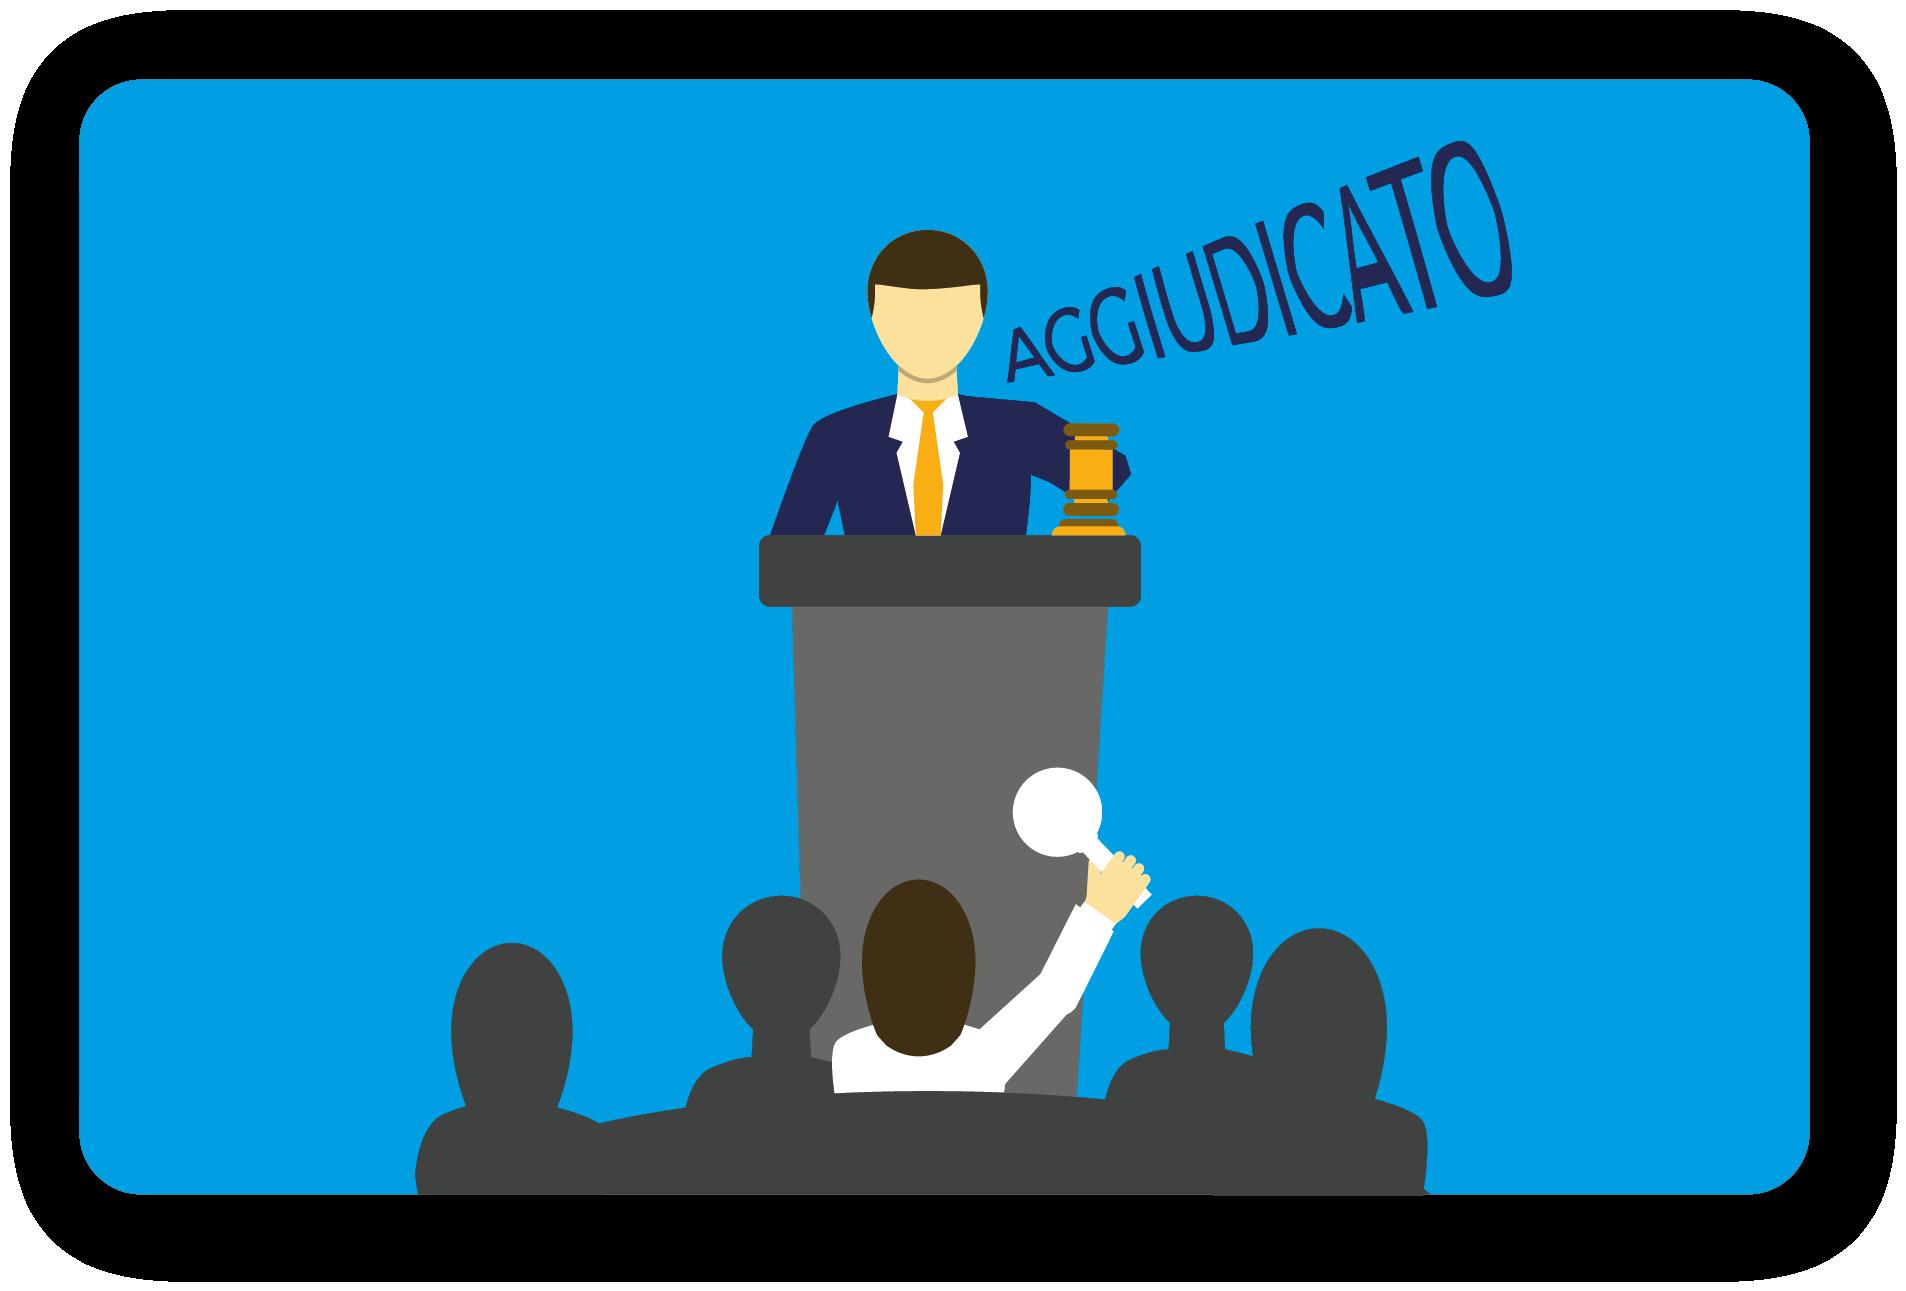 Aggiudicazione - Casa d'aste Guidoriccio